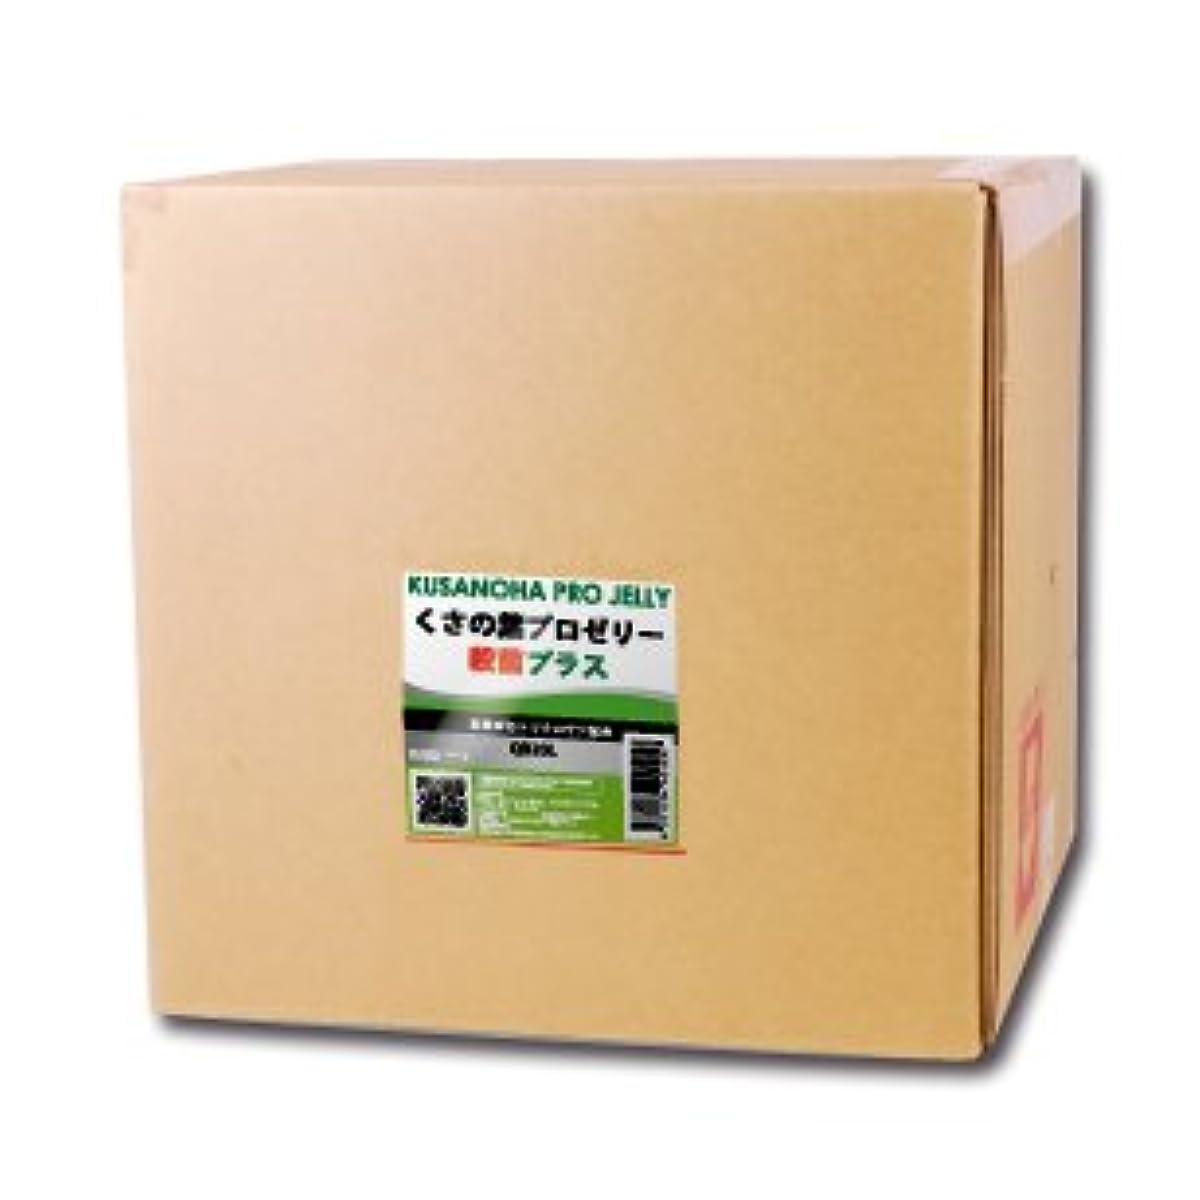 ペインギリック必要性シャーくさの葉プロゼリー除菌プラス 20L キュービーテナー コック付き│除菌ローション トリクロサン配合 業務用 プロ仕様